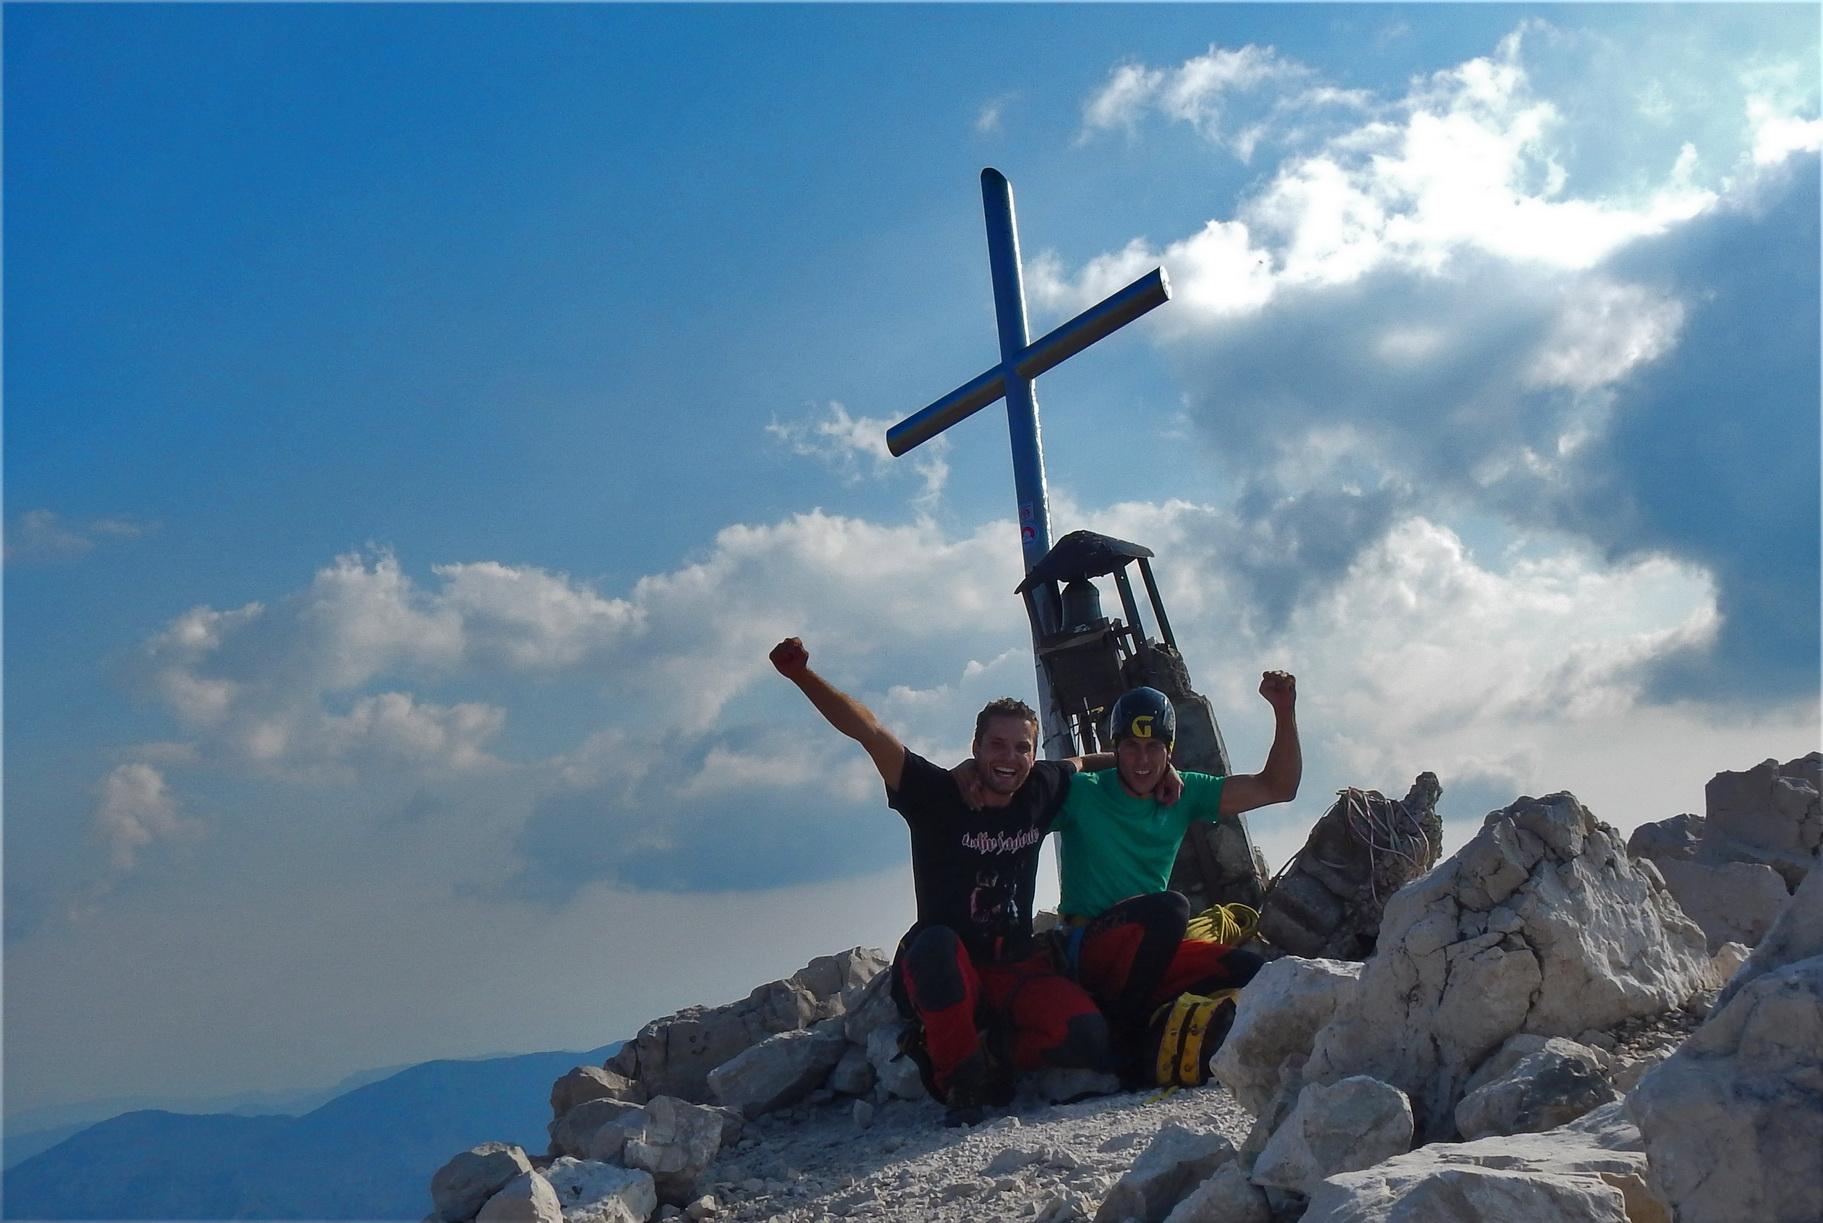 Z Tinetom na vrhu Montaža, srečna, kot že dolgo ne ...